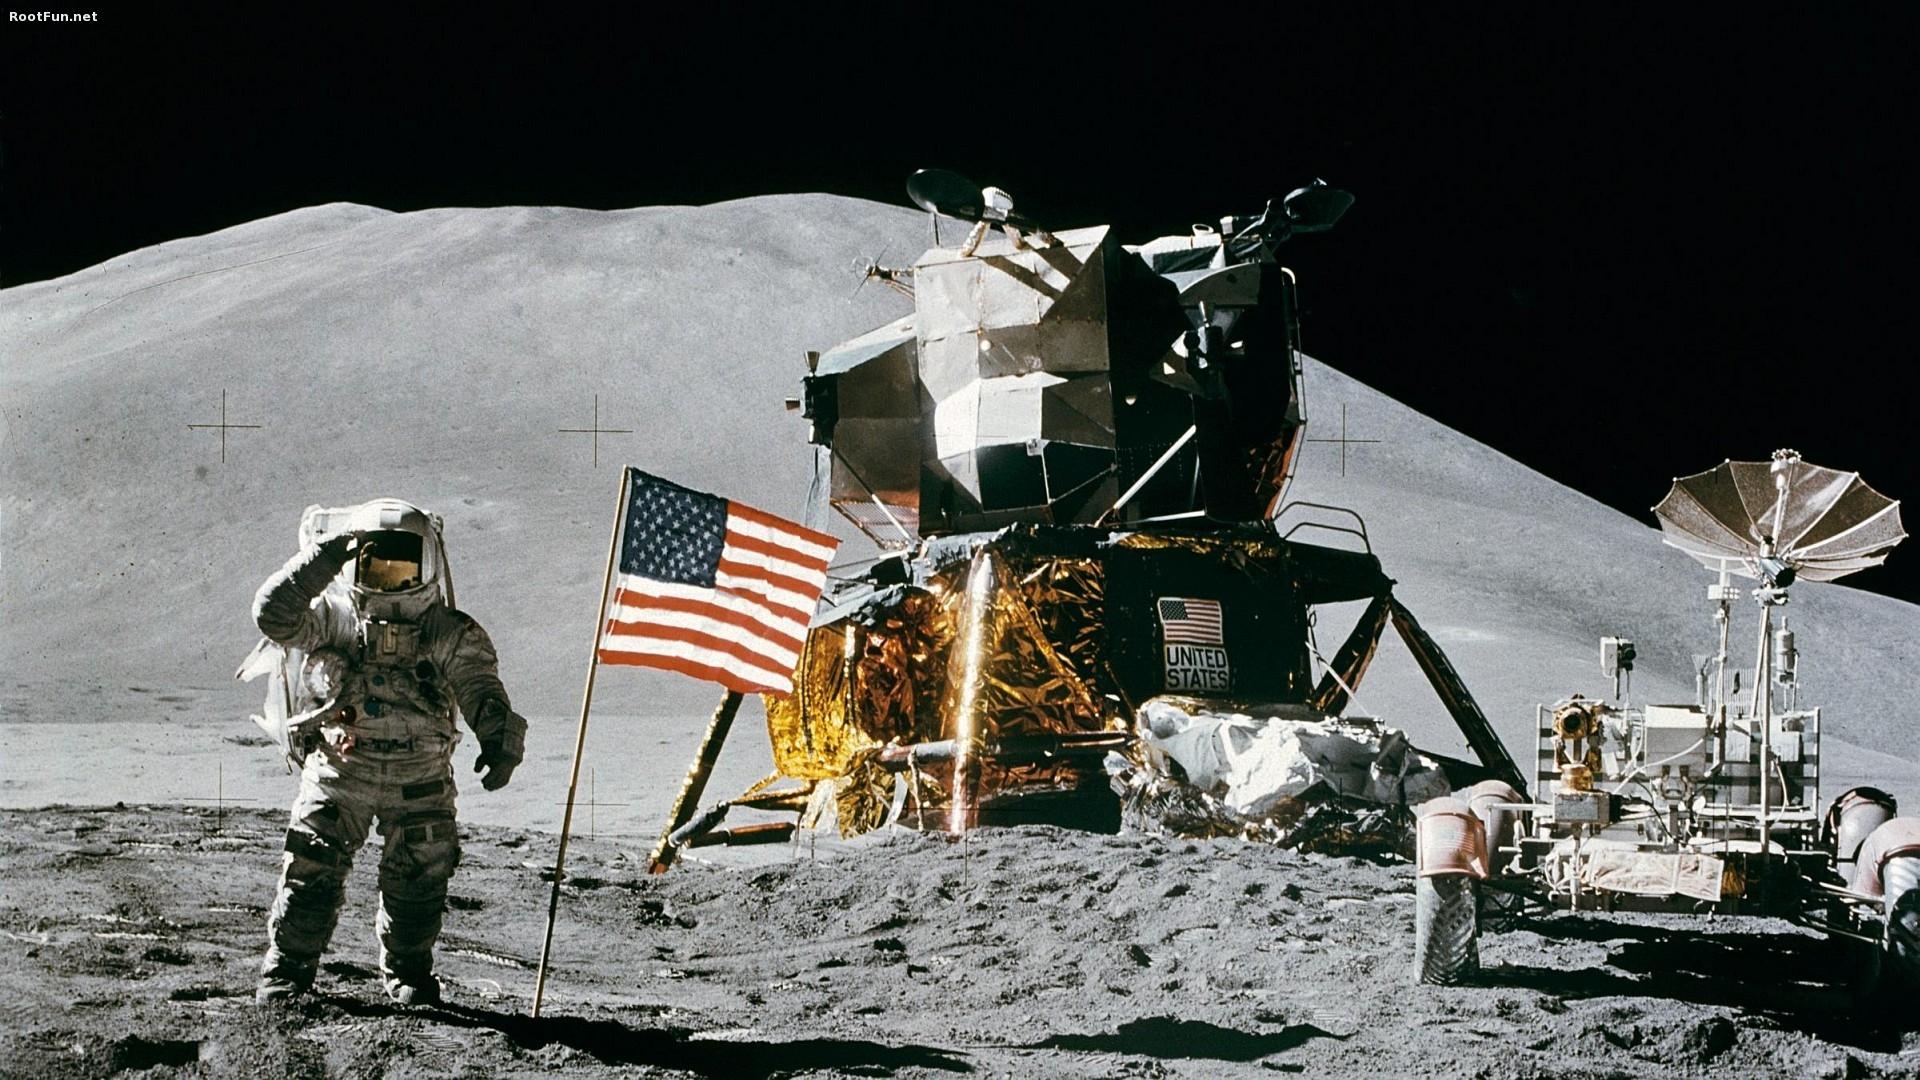 apollo space program cost - photo #20